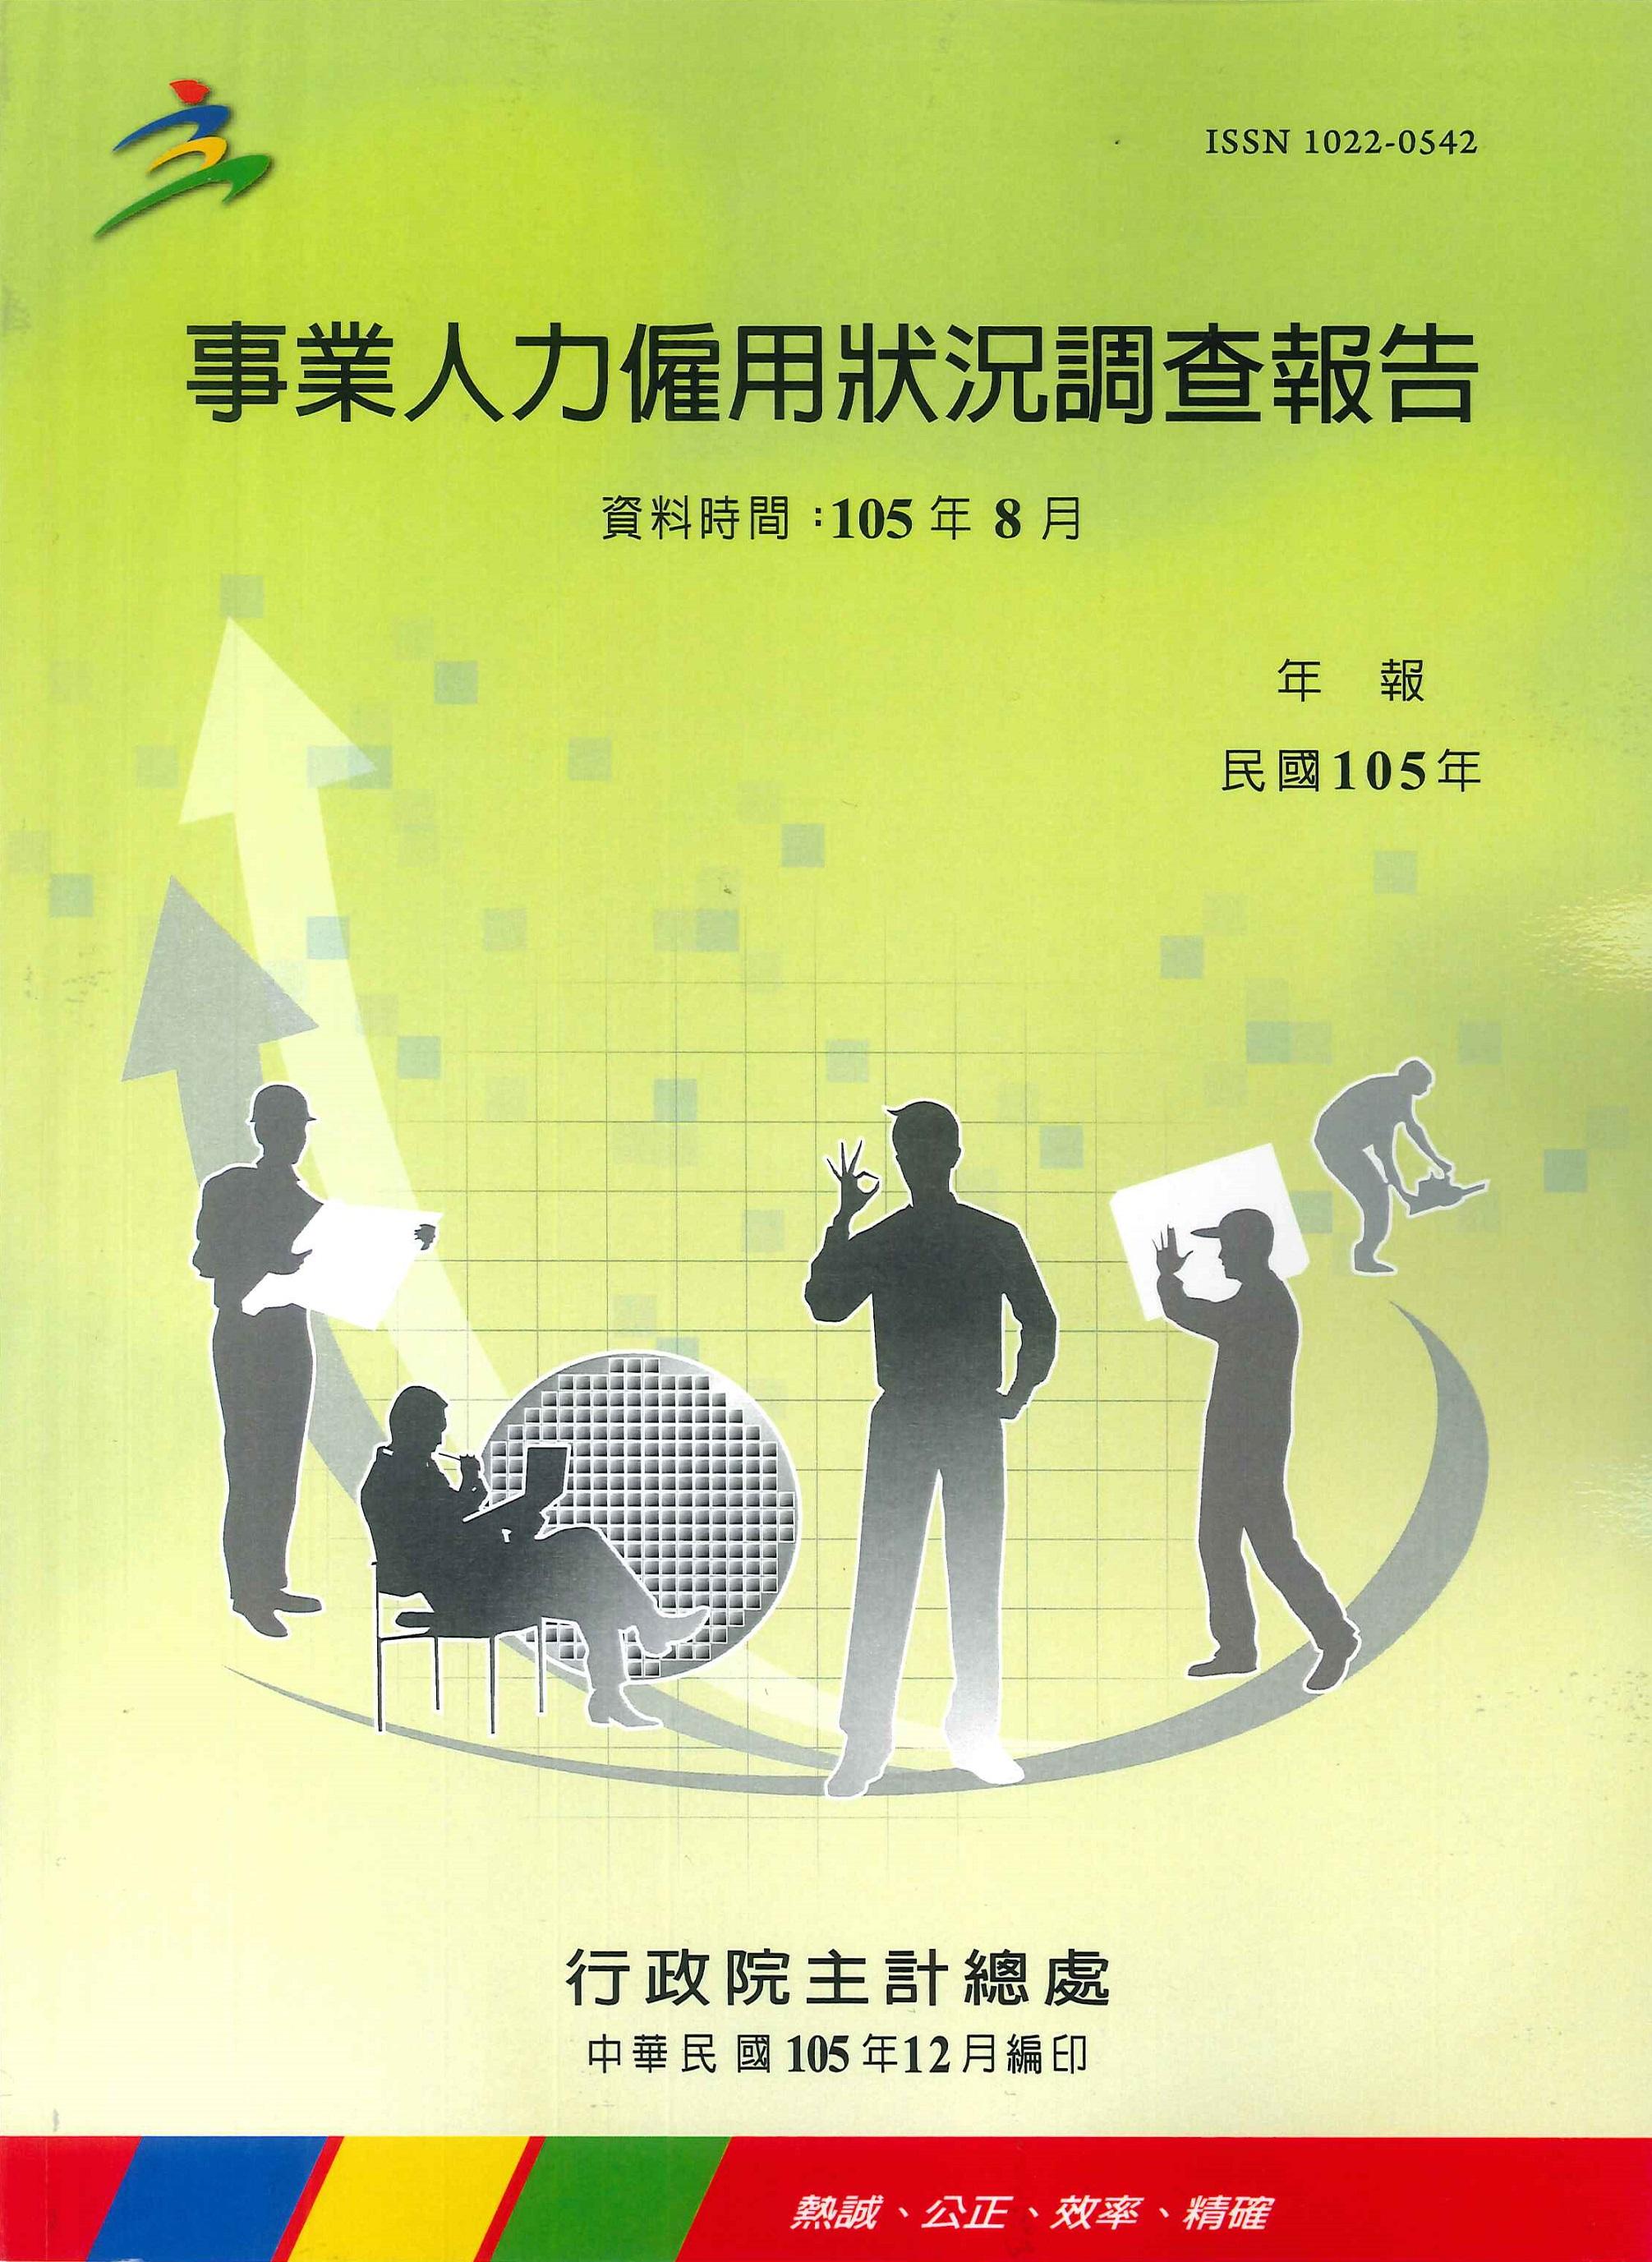 事業人力僱用狀況調查報告